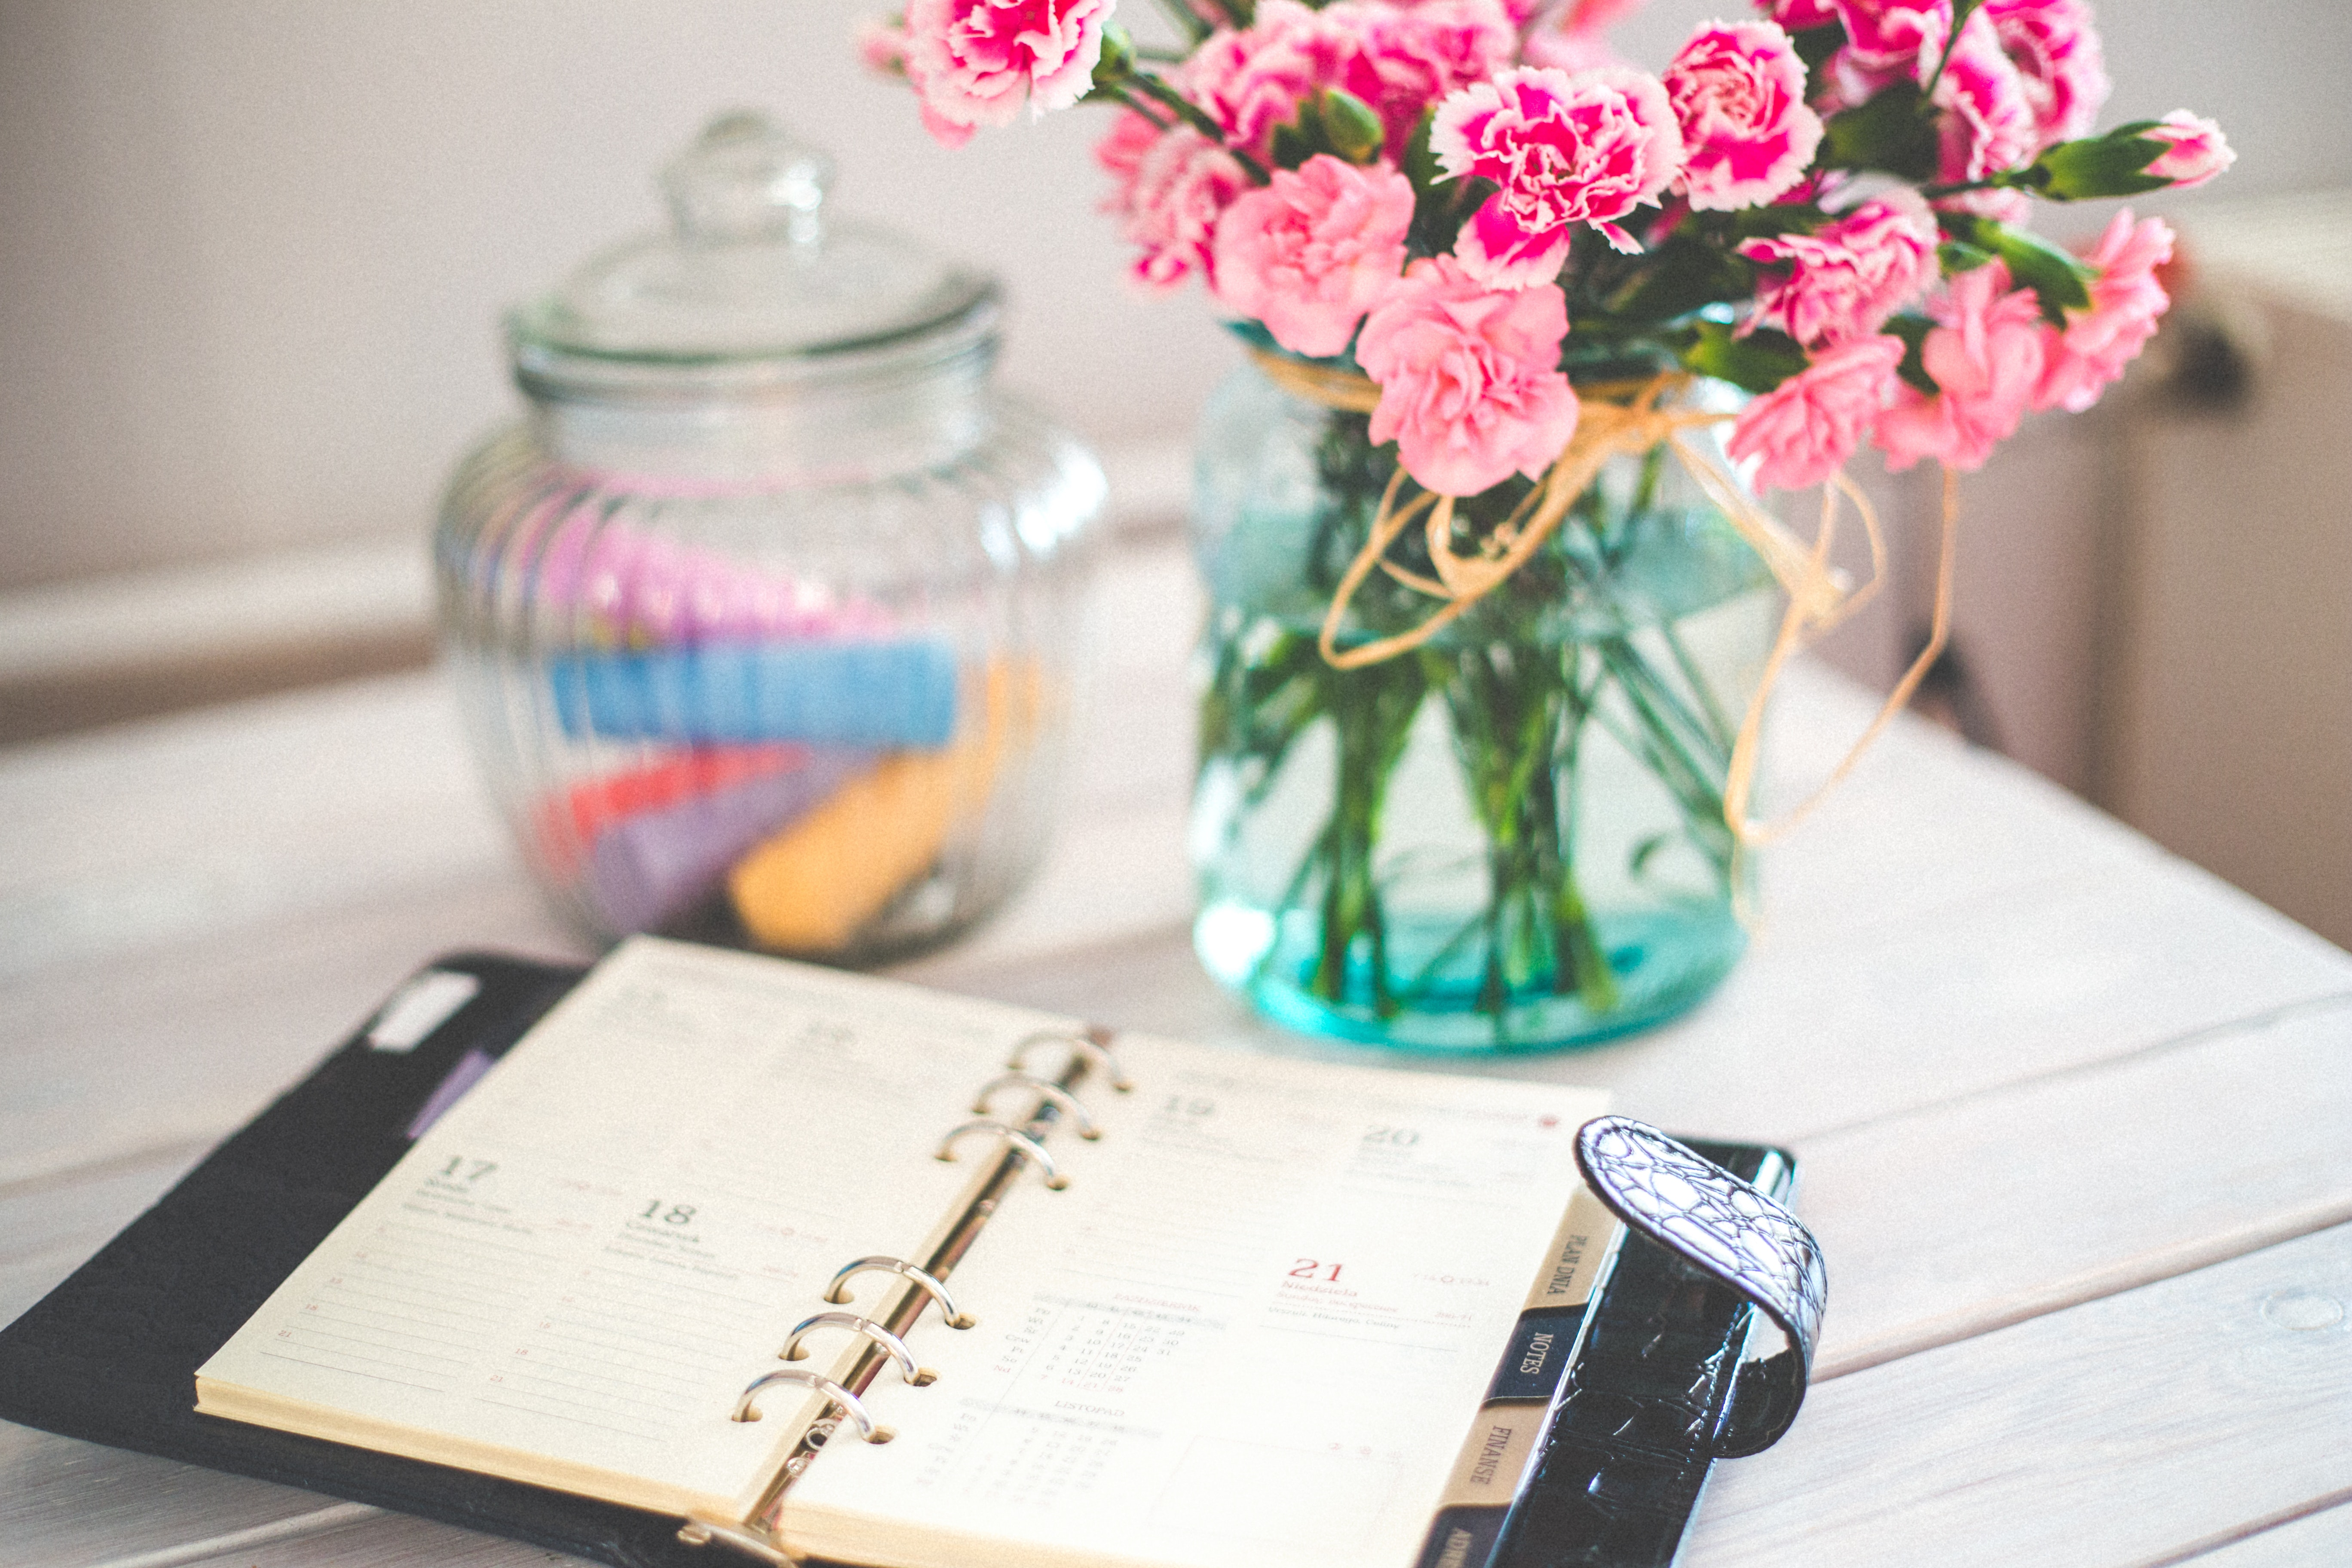 agenda-bouquet-businesswoman-6374